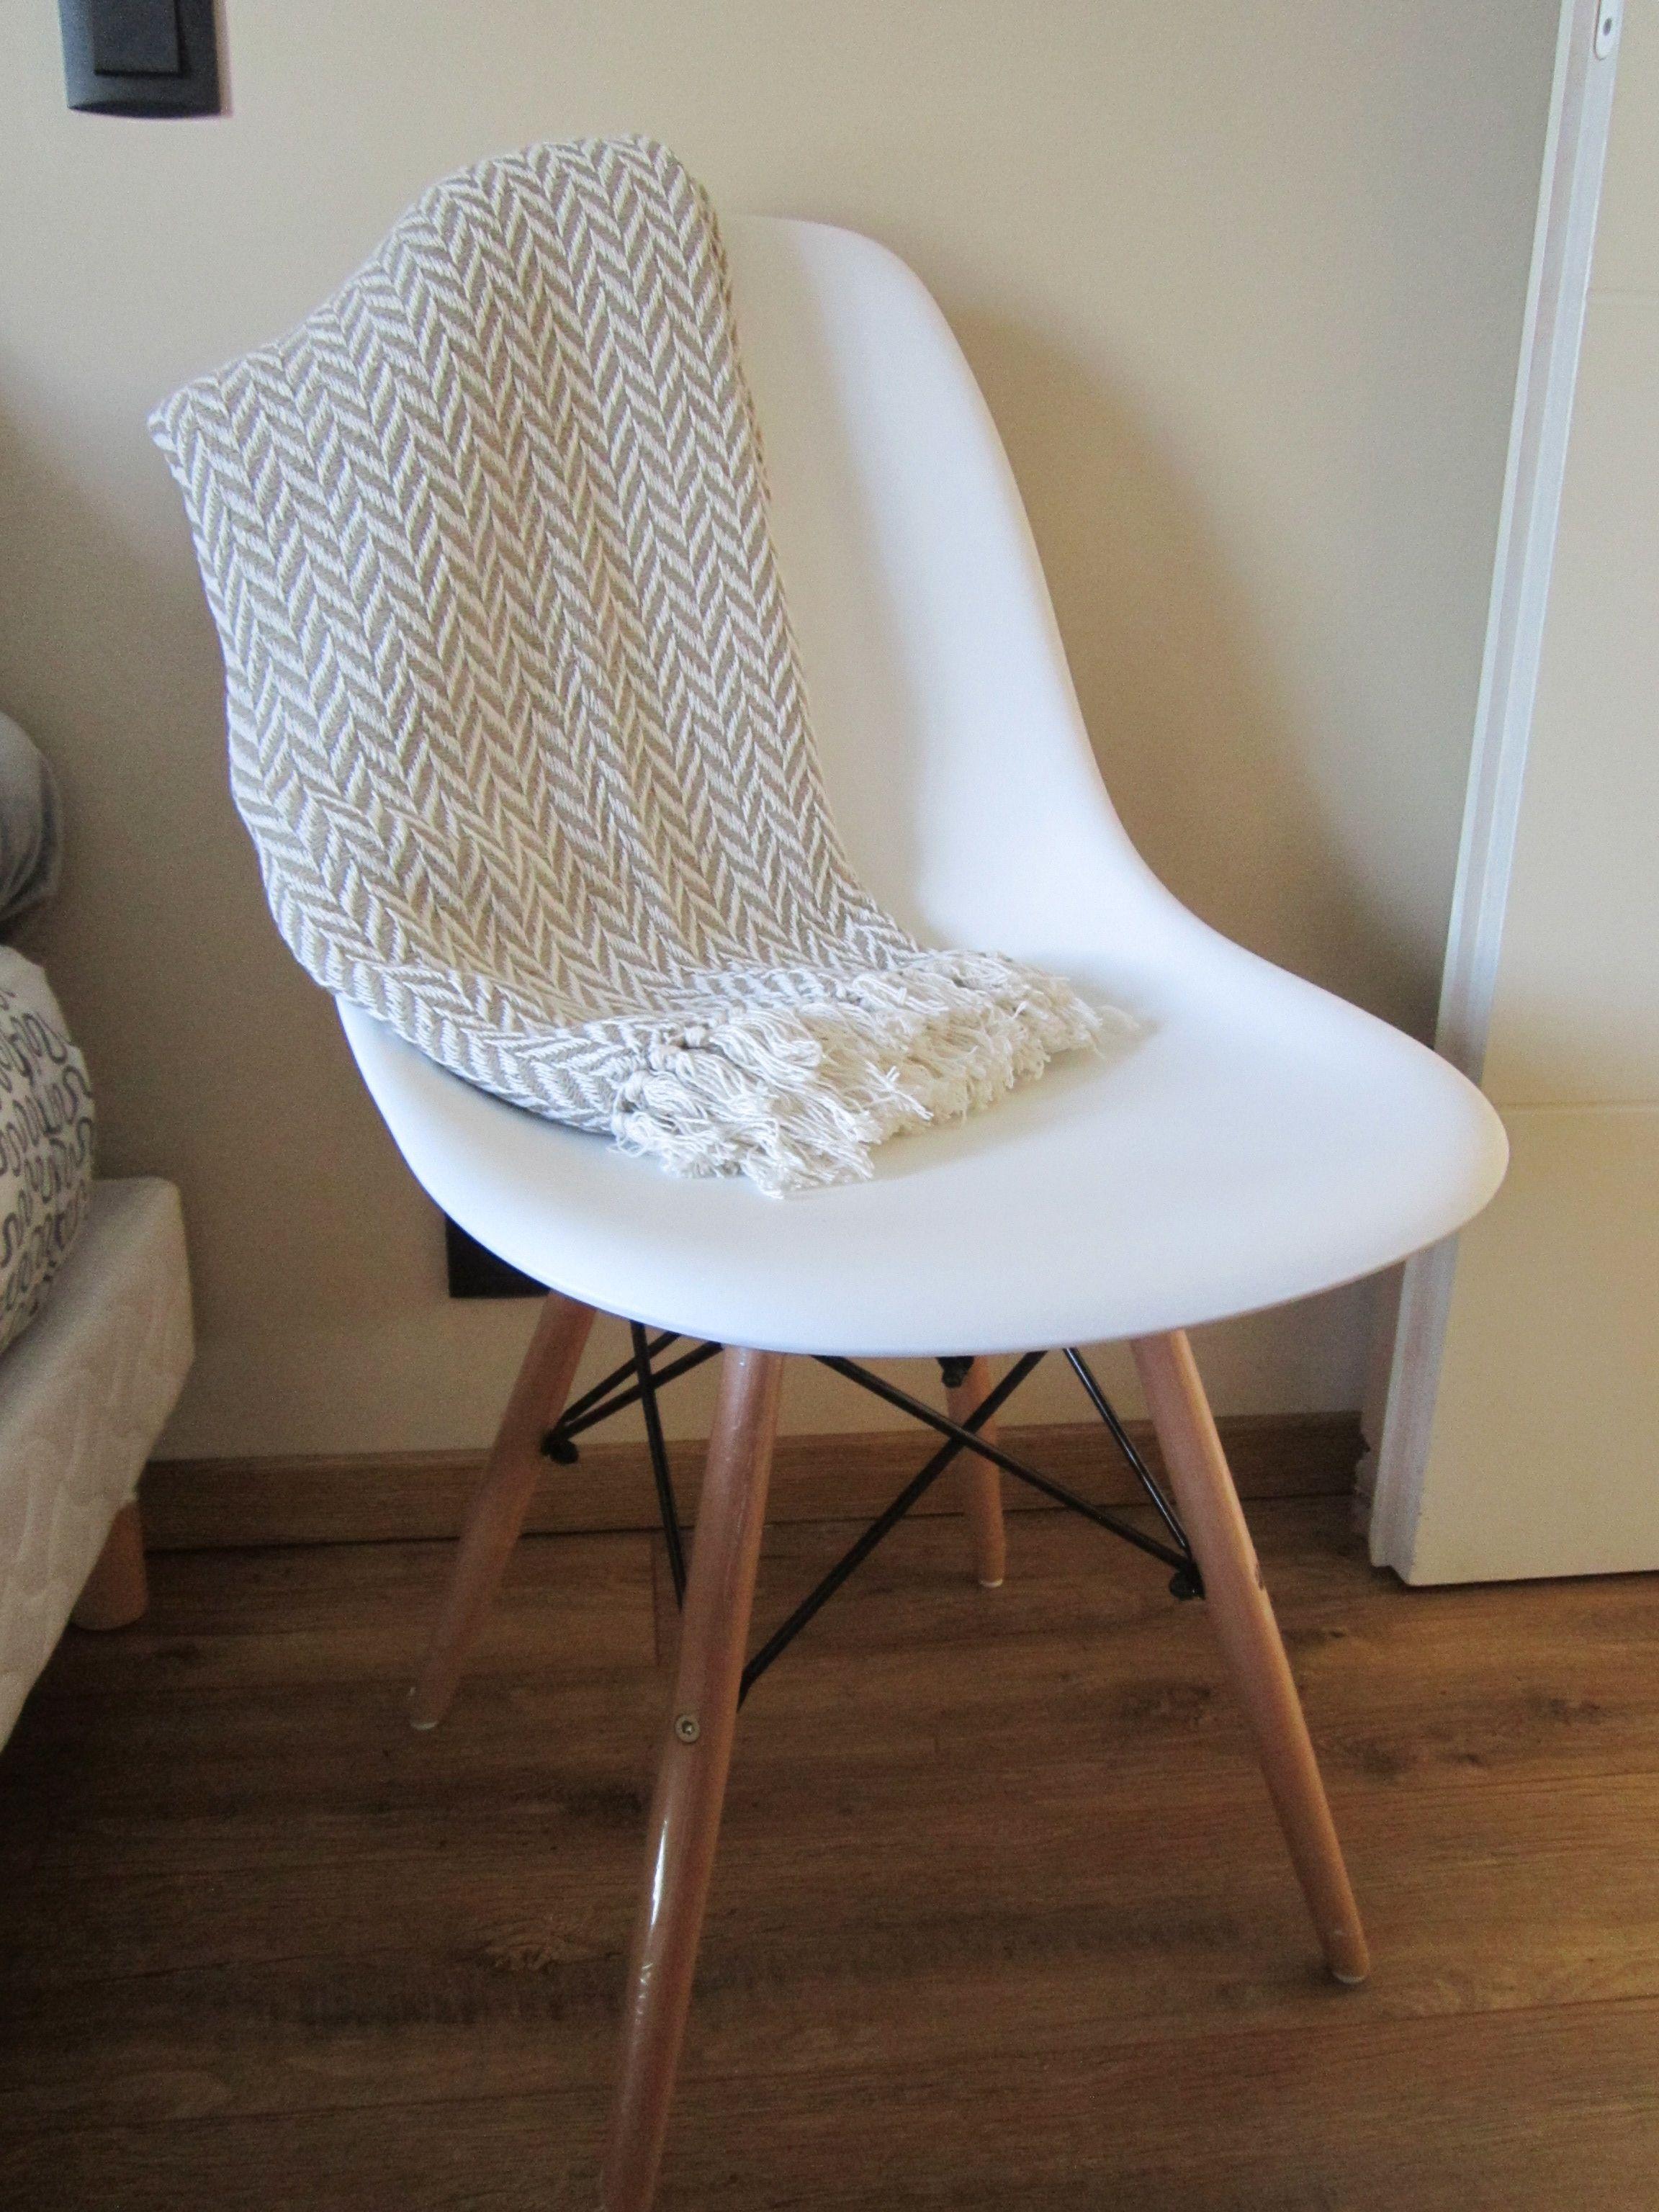 Un peu de déco scandinave avec cette chaise style Eames trouvée